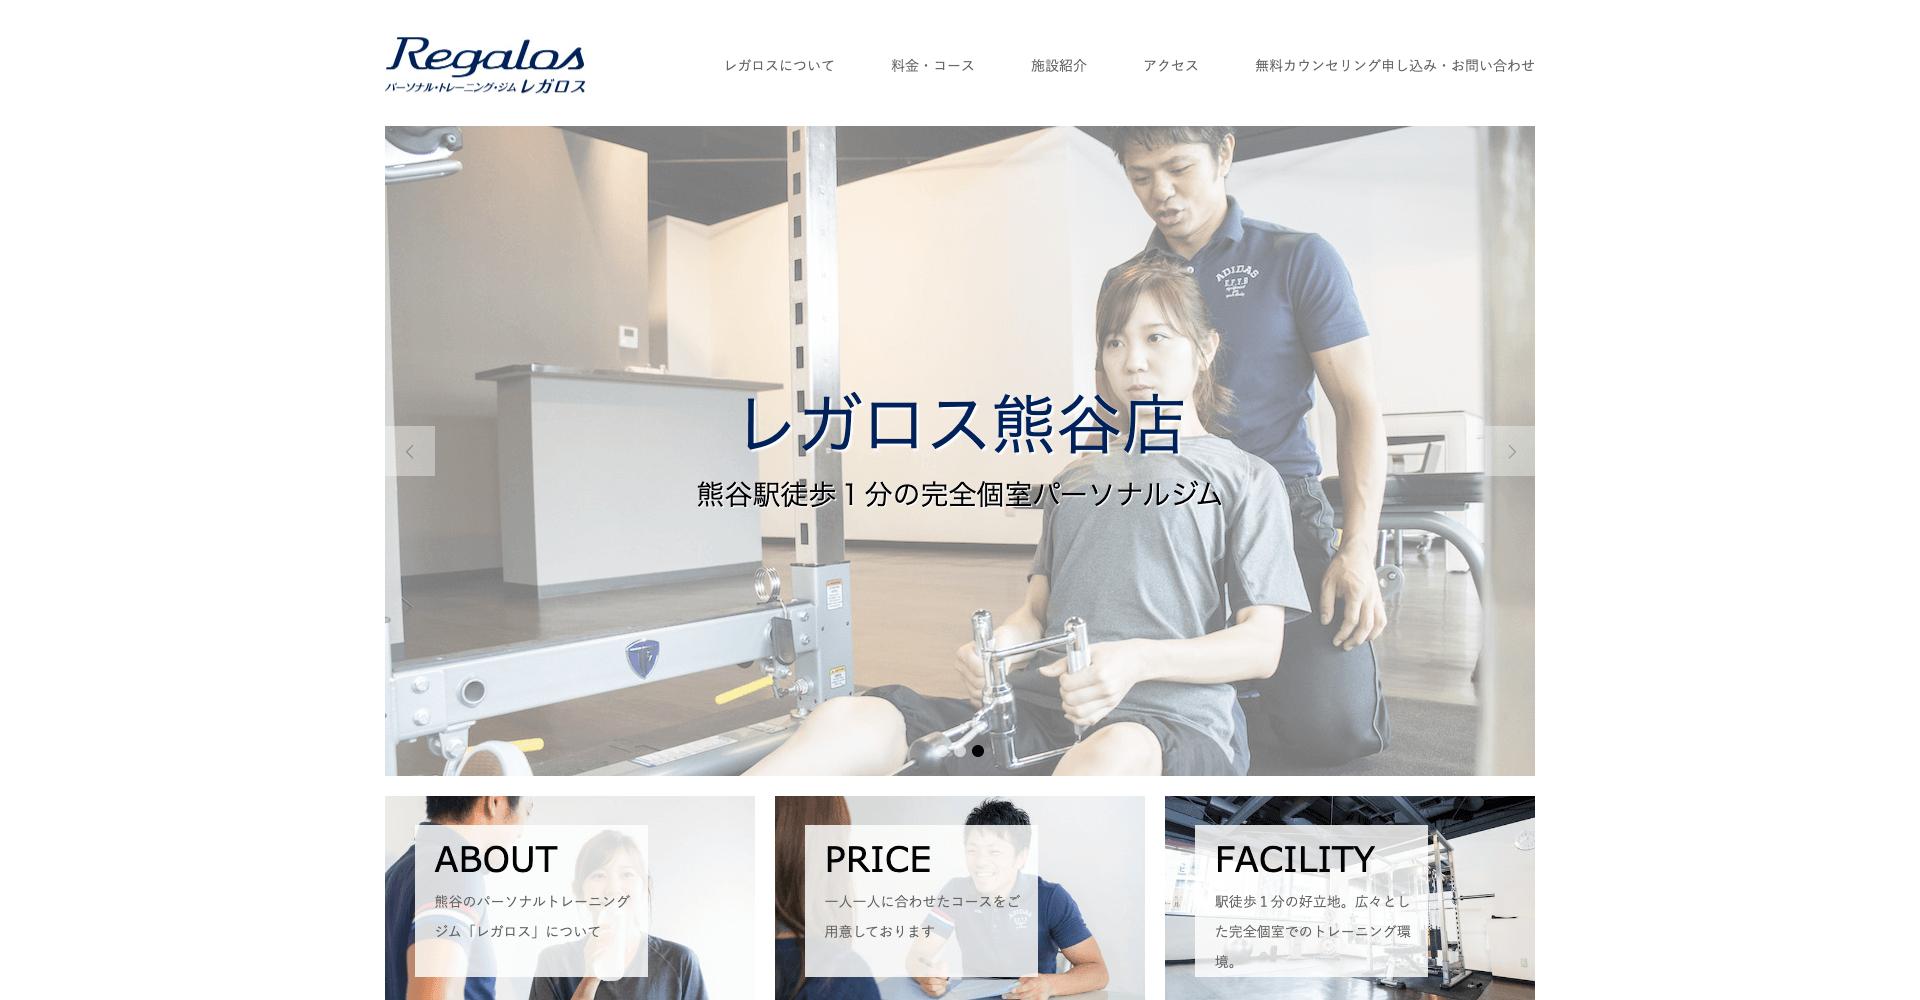 レガロス熊谷店(パーソナルトレーニングジム)